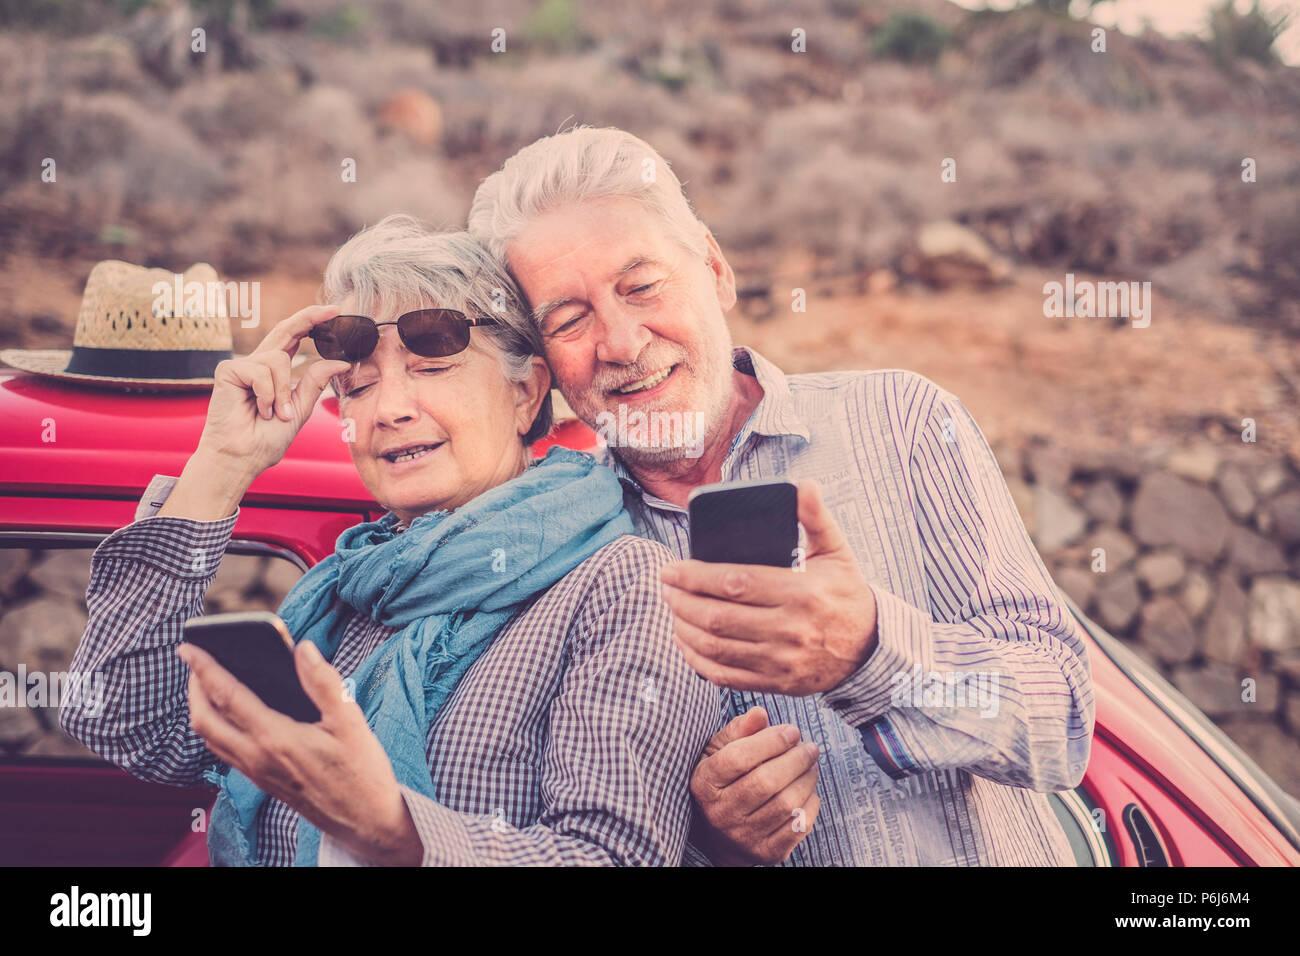 Bel homme et femme couple mature senior smartphone utiliser piscine en activité de loisirs internet contrôle des e-mails et des amis à contacter. locations Photo Stock